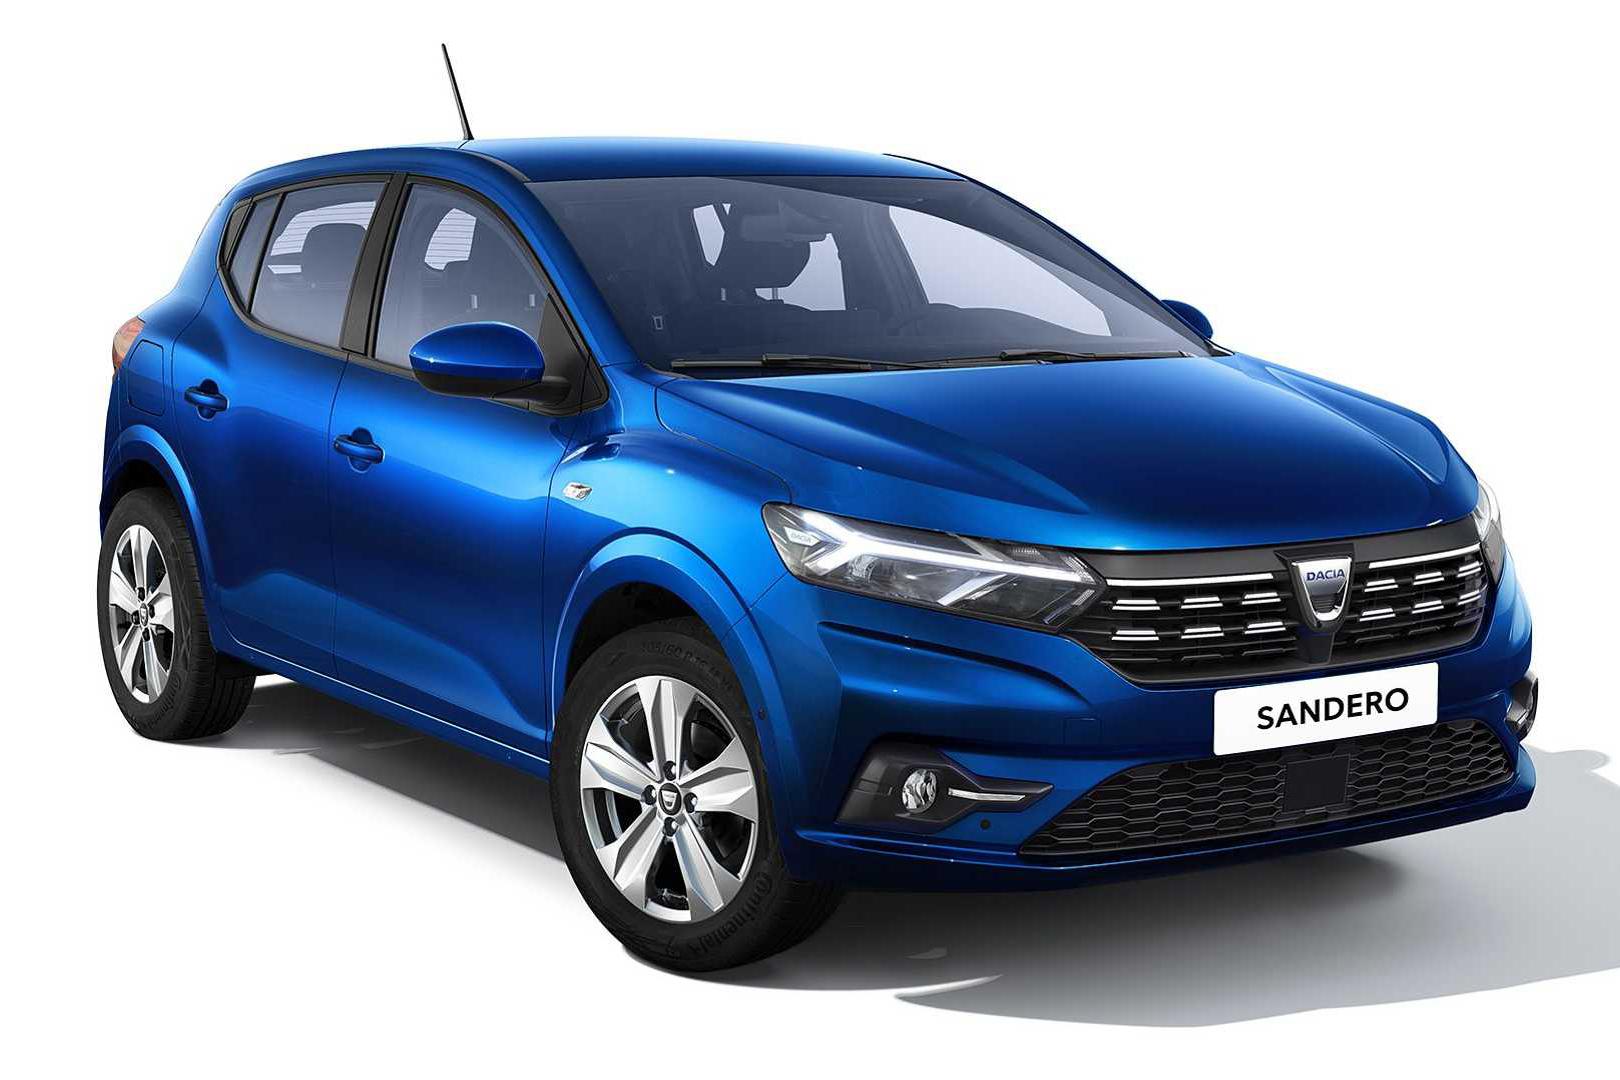 Novo Sandero 2021 tem opção de câmbio CVT e apenas motores 3-cilindros 1.0